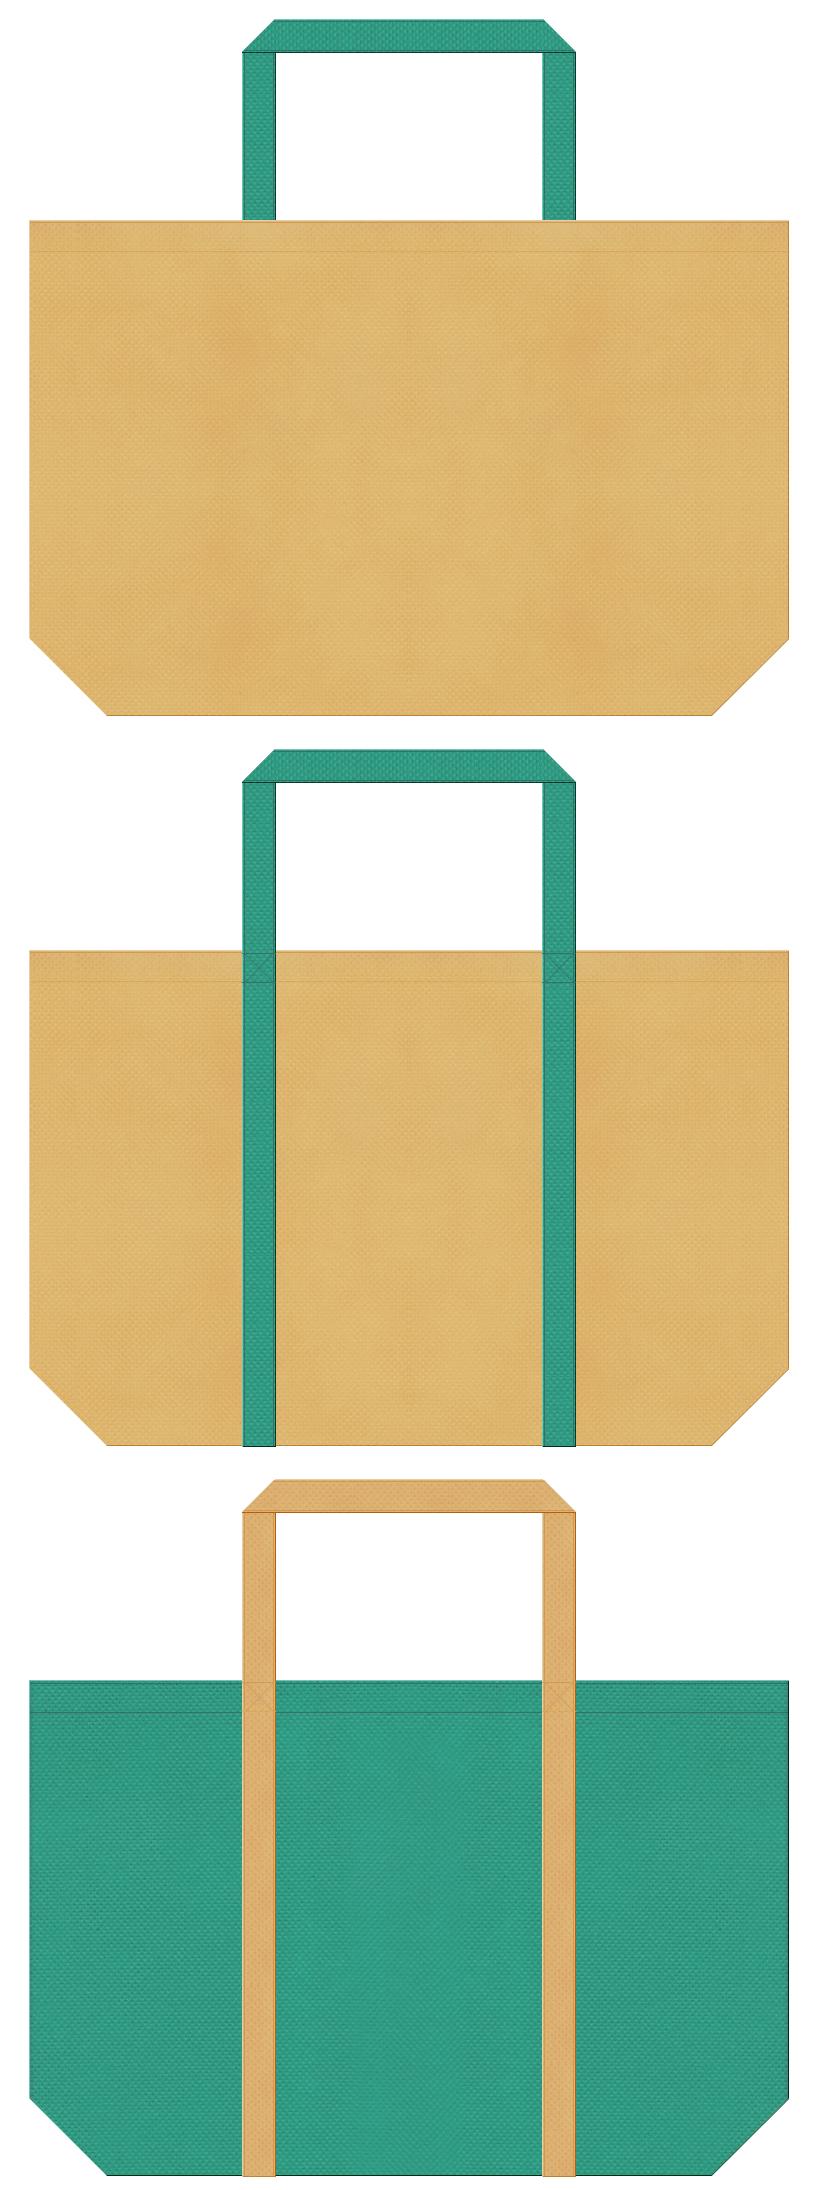 薄黄土色と青緑色の不織布ショッピングバッグデザイン。